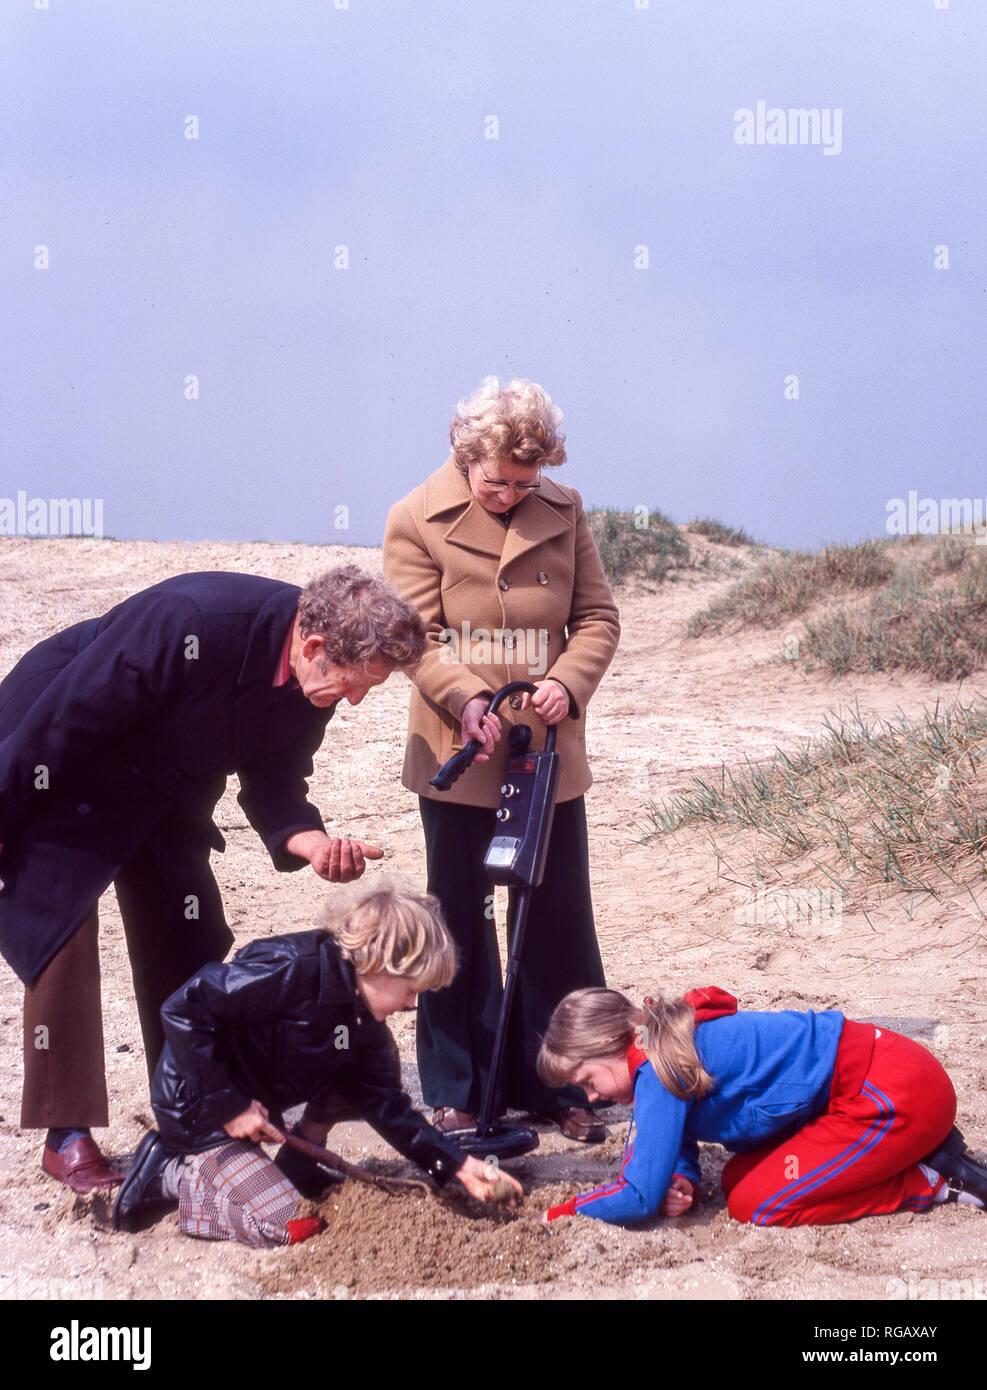 Les grands-parents avec deux petits-enfants à l'aide d'un détecteur de métal sur une plage dans le nord-ouest de l'Angleterre. Banque D'Images